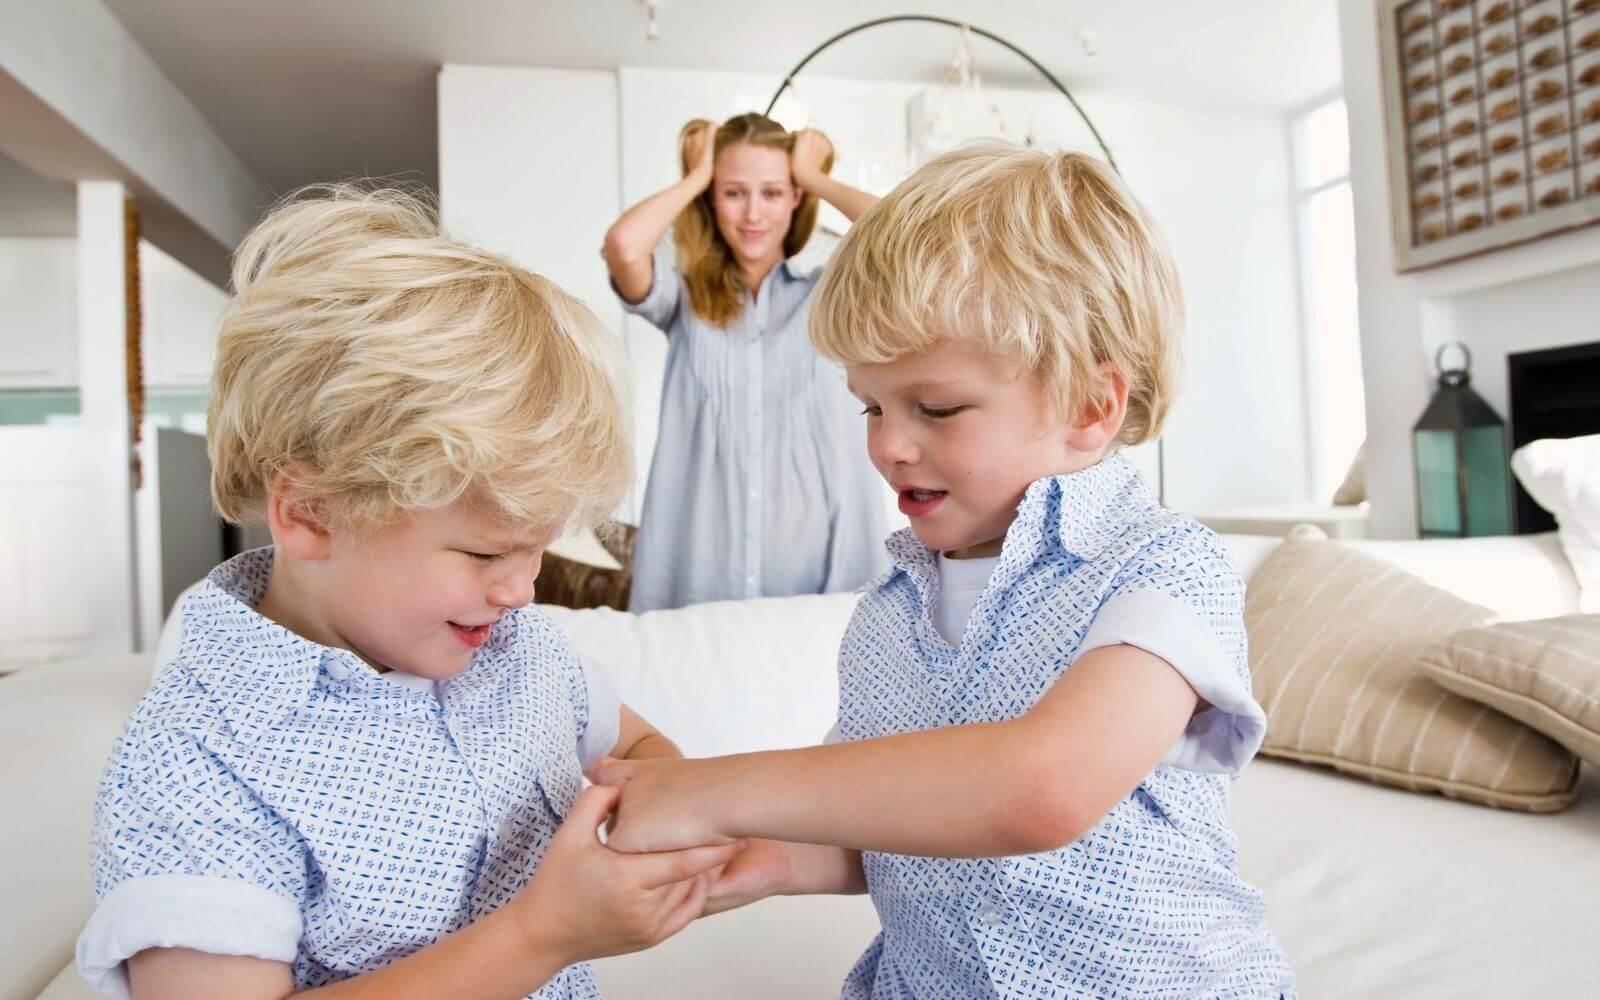 Conducta niños